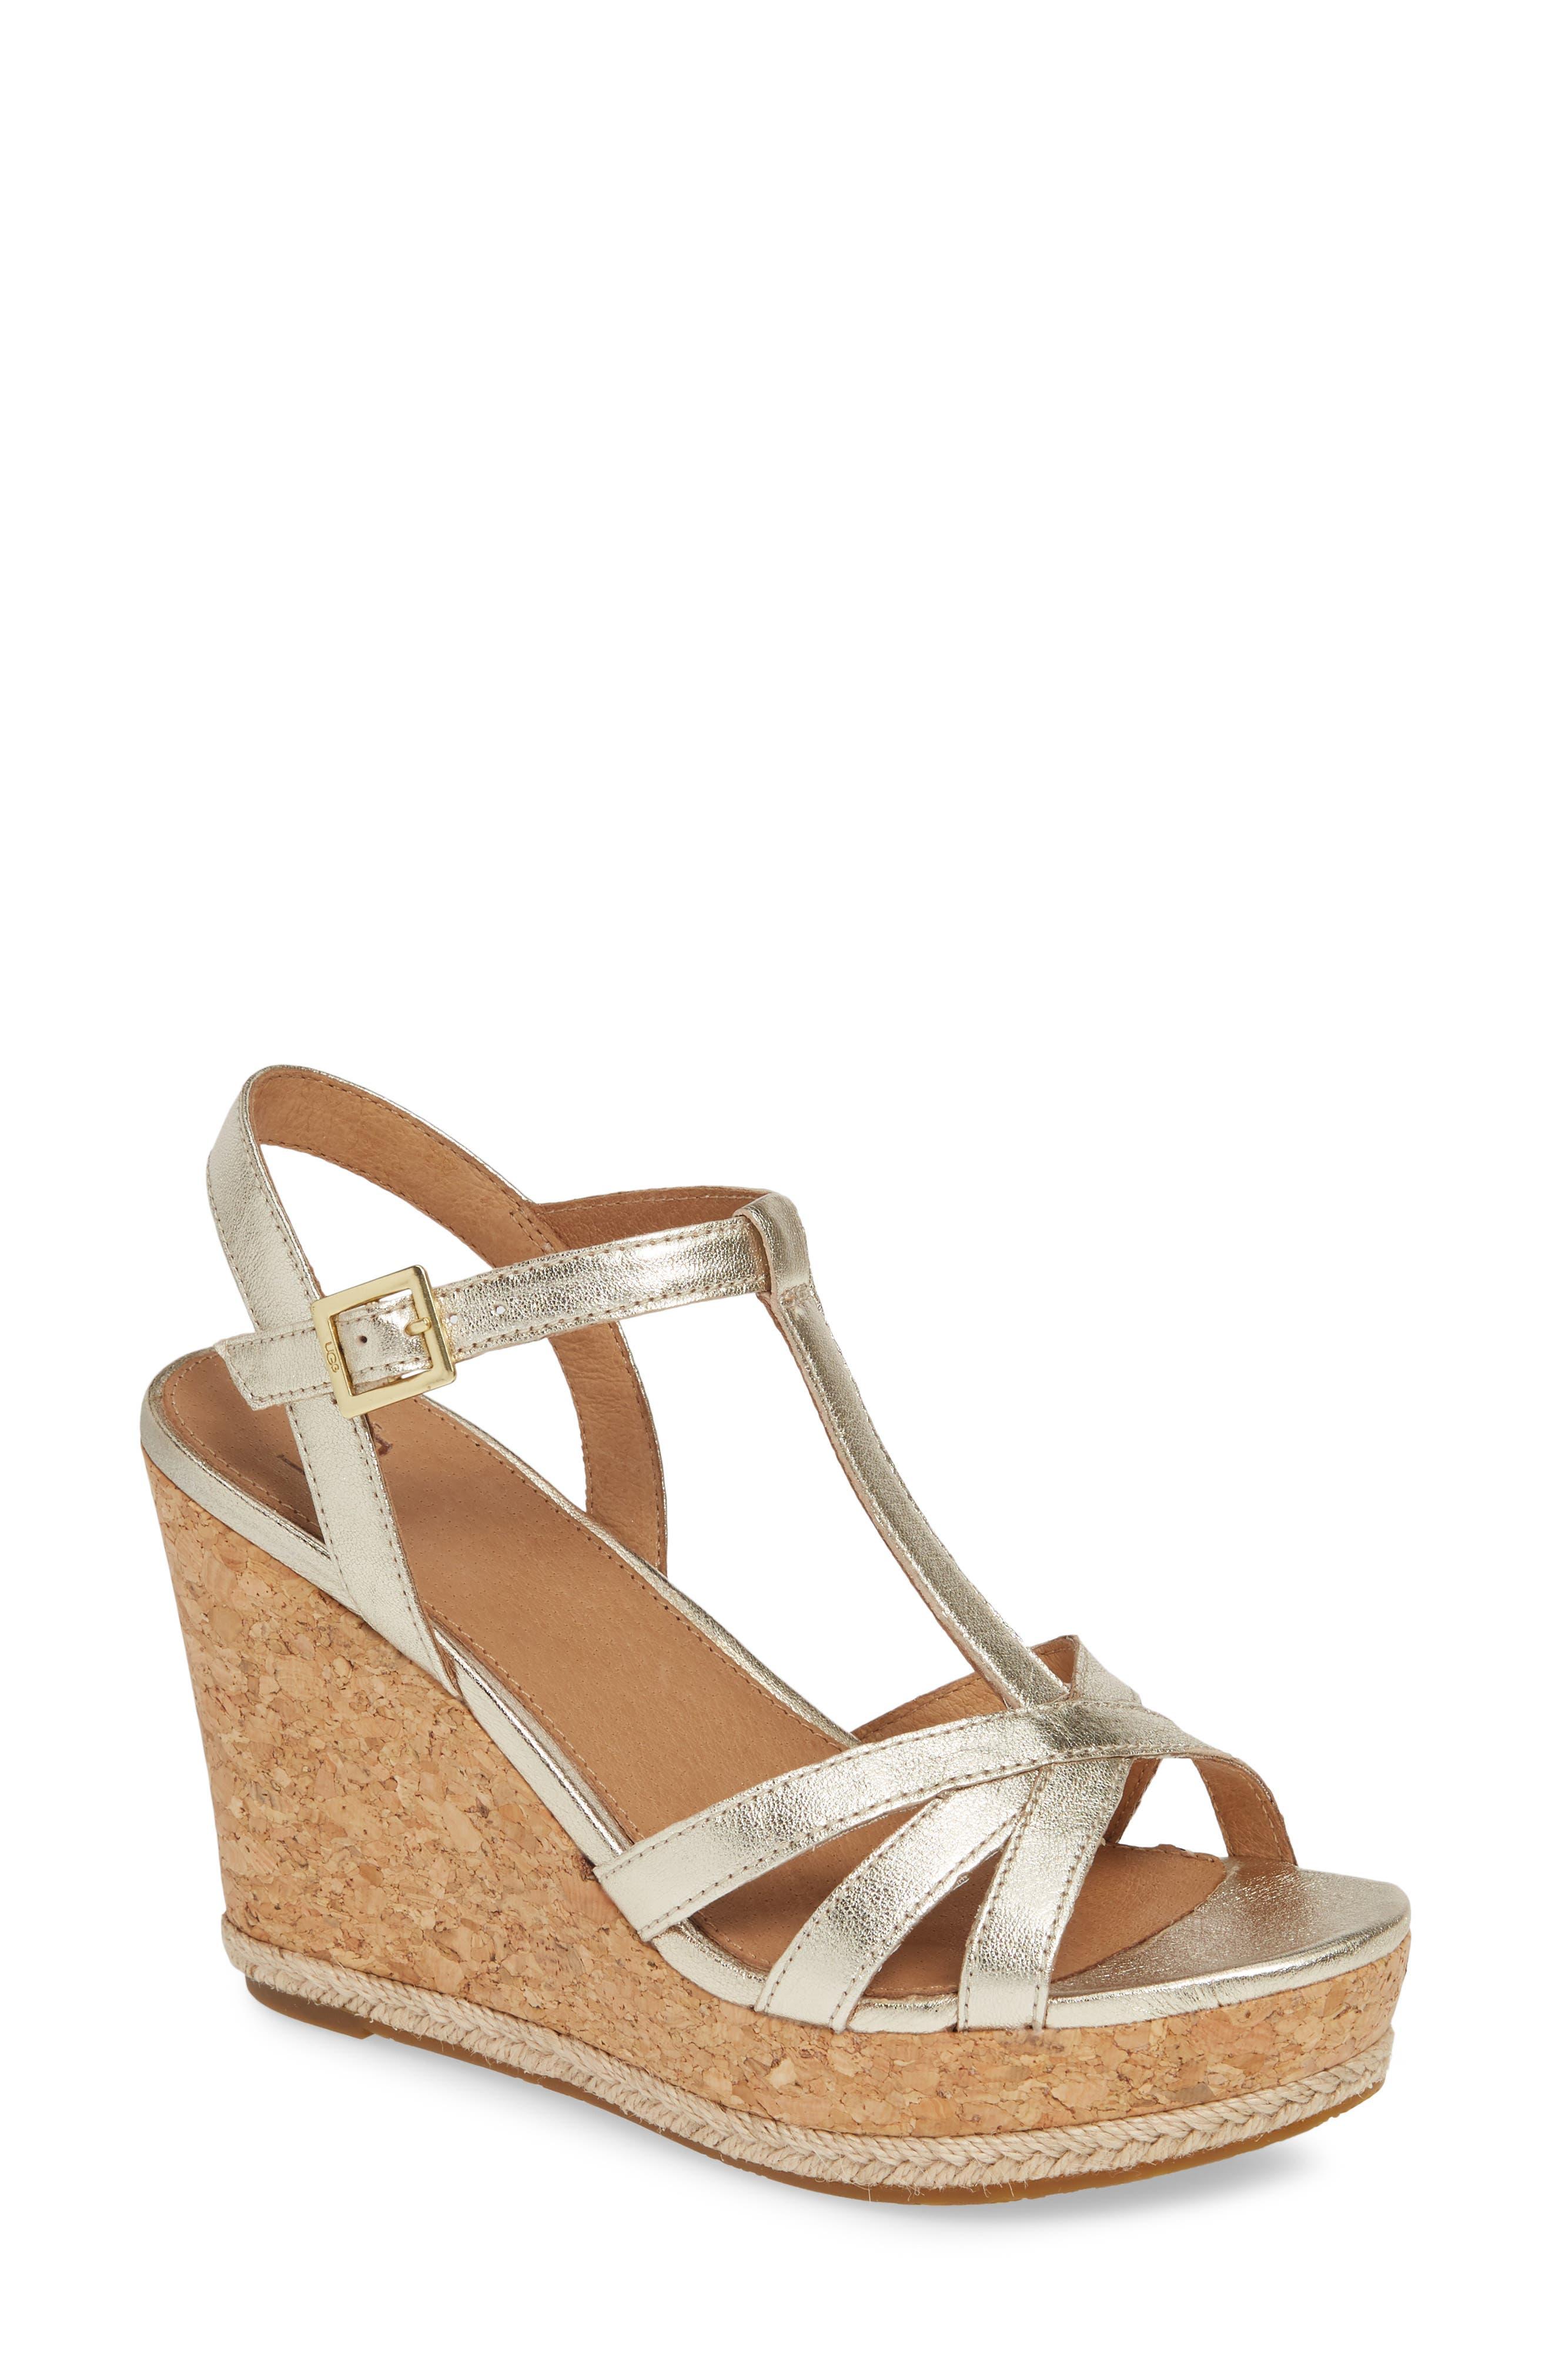 Ugg Melissa Metallic Wedge Sandal, Metallic